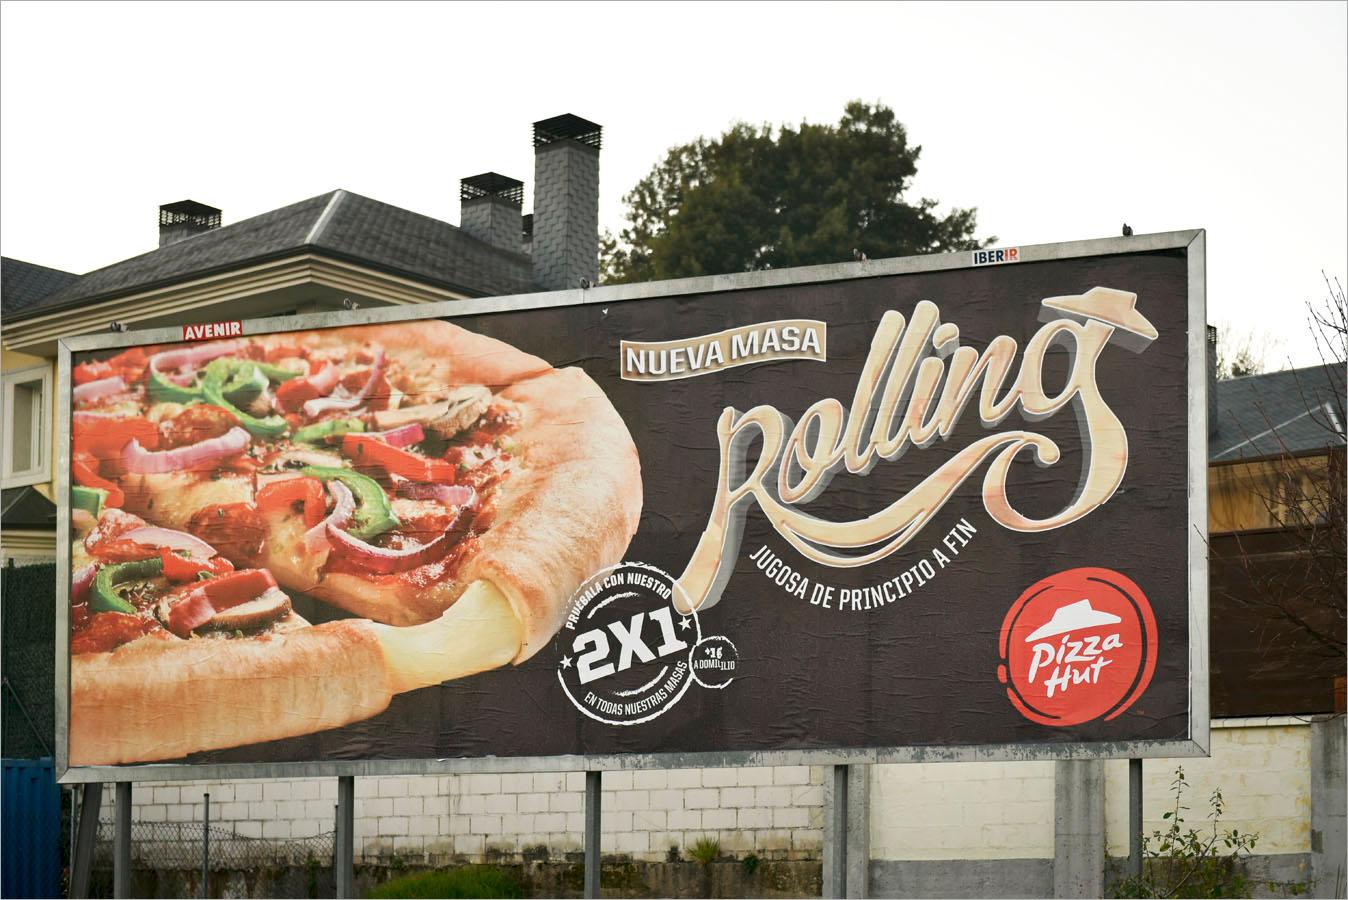 ramon_vaquero_pizza_hut_fotografos_vigo_galicia_publicidad_blog_3